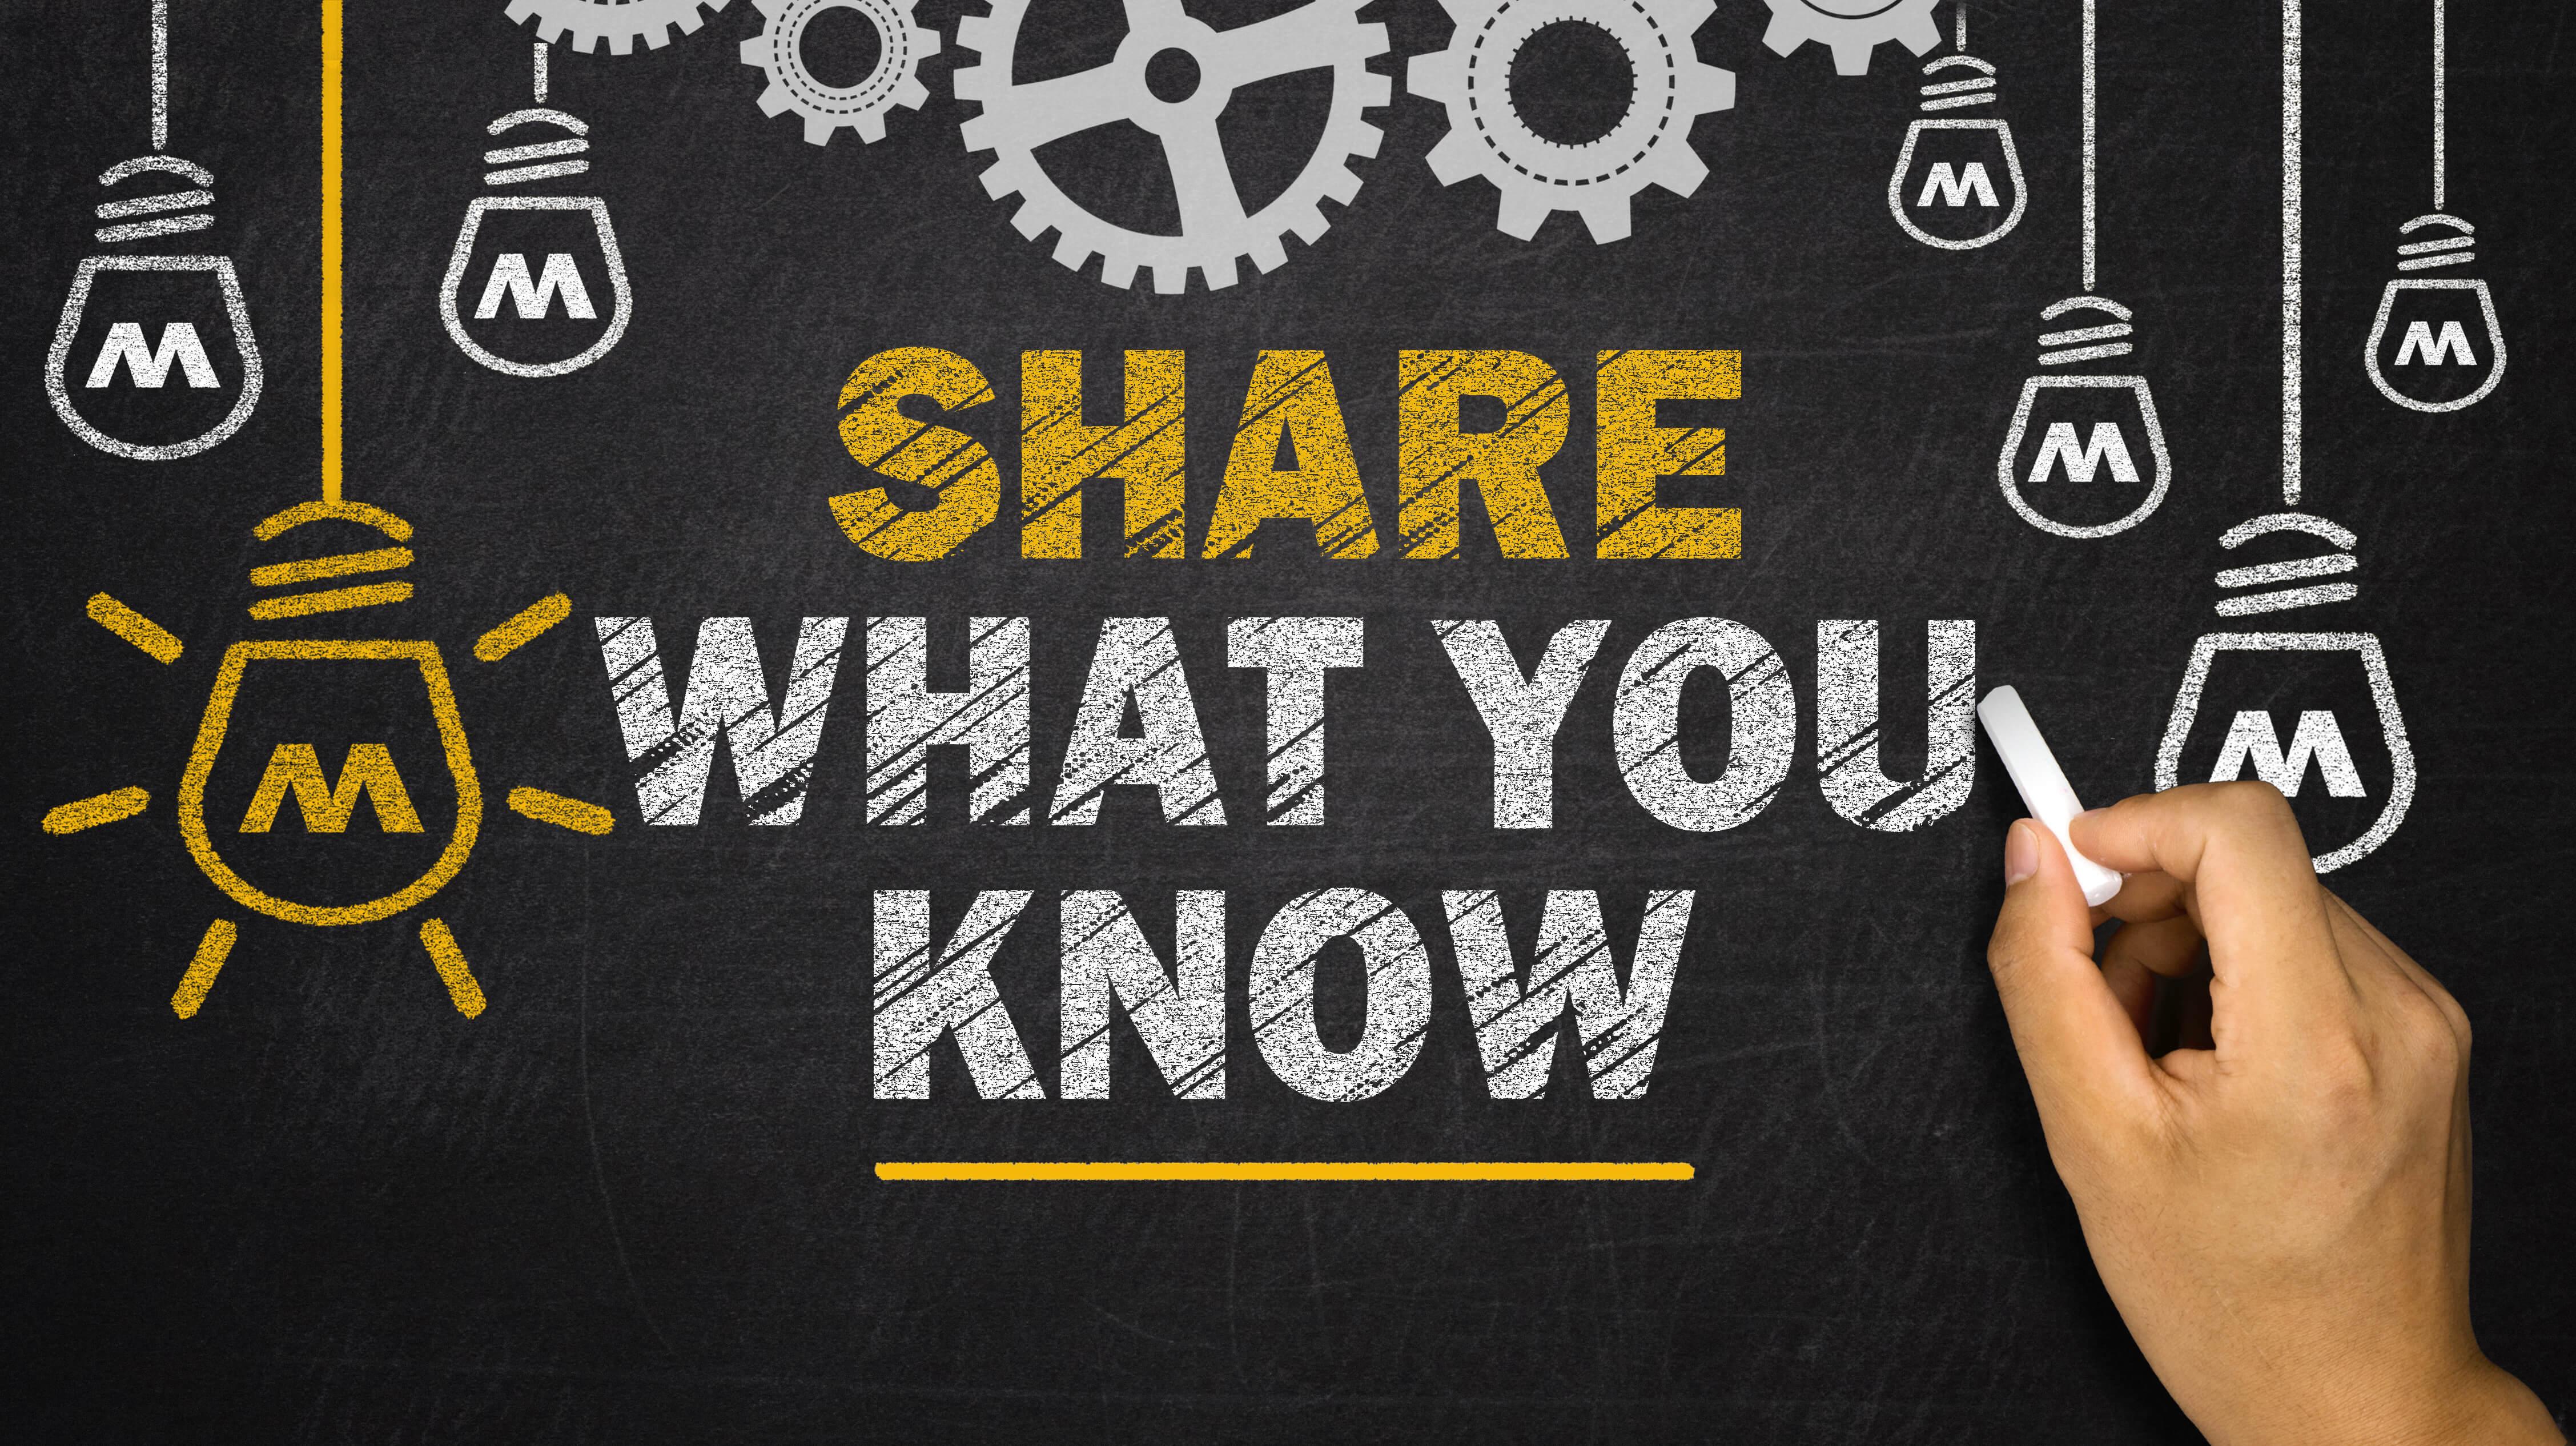 Ludzie dzielą się na blogach tym, w czym są najlepsi. Twoją mocną stroną jest wiedza. Przekazuj ją!